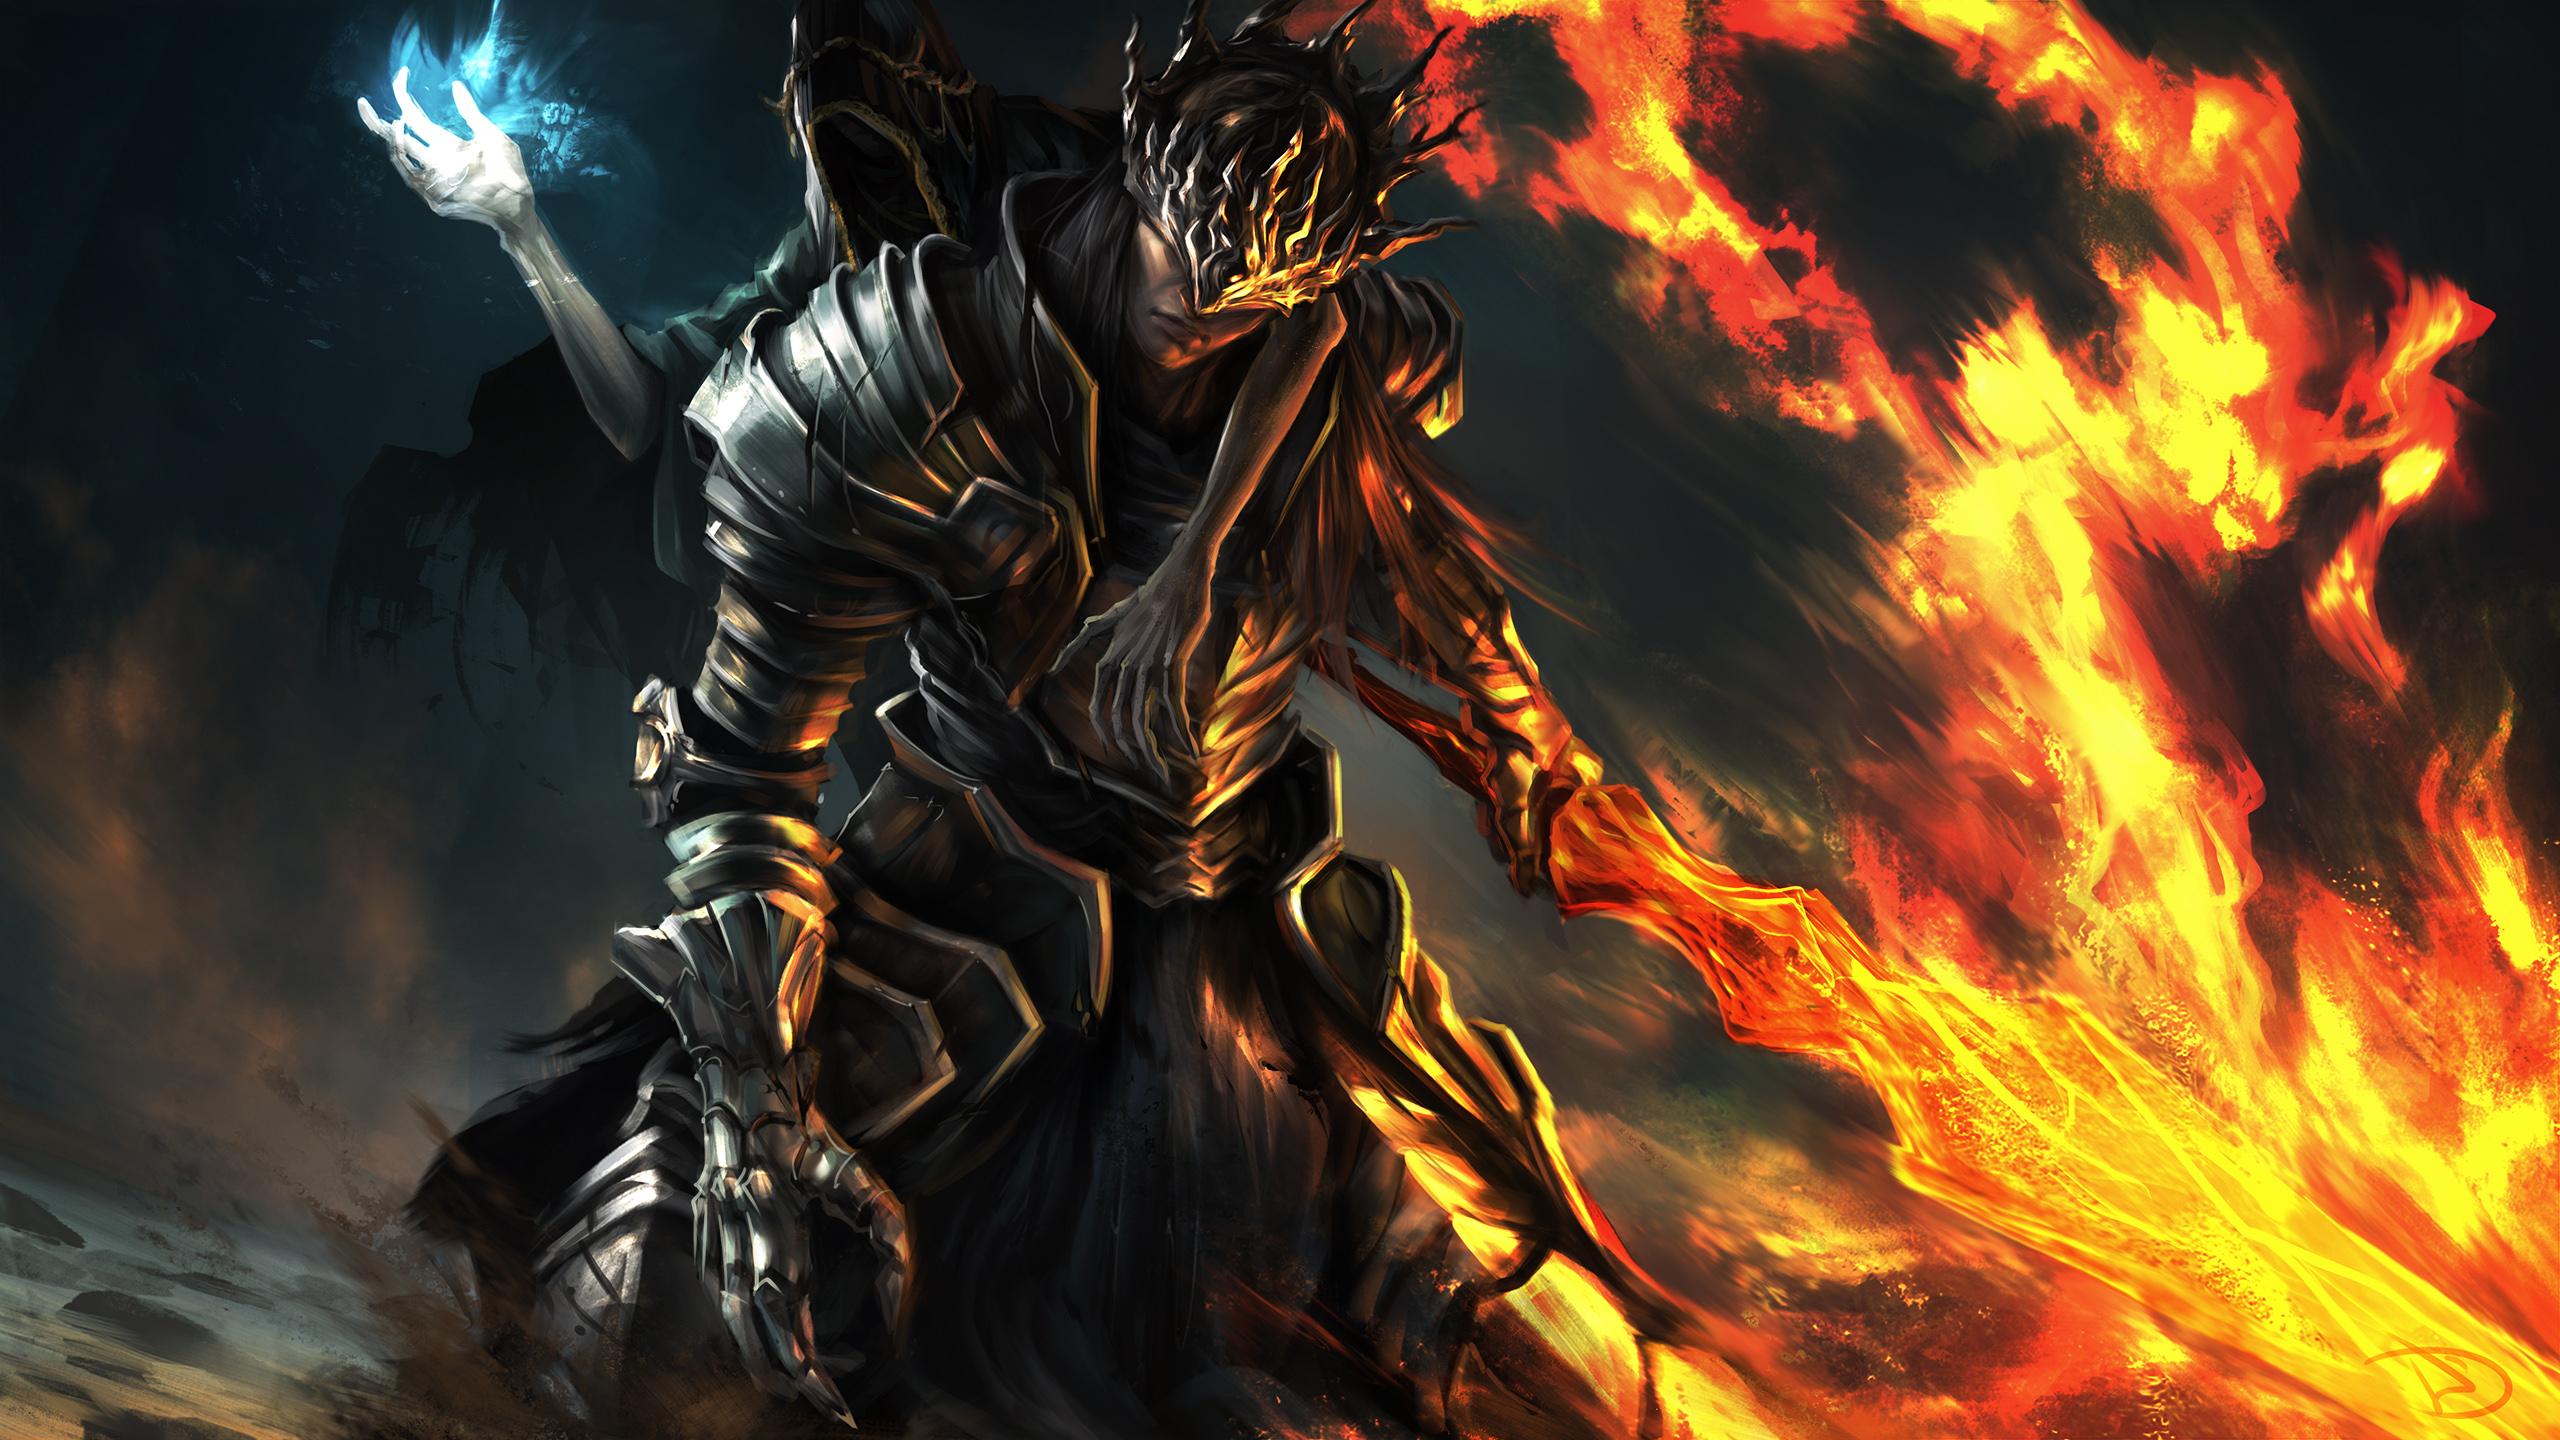 Dark Souls 3 4k Wallpaper: Lorian Dark Souls 3, HD Games, 4k Wallpapers, Images